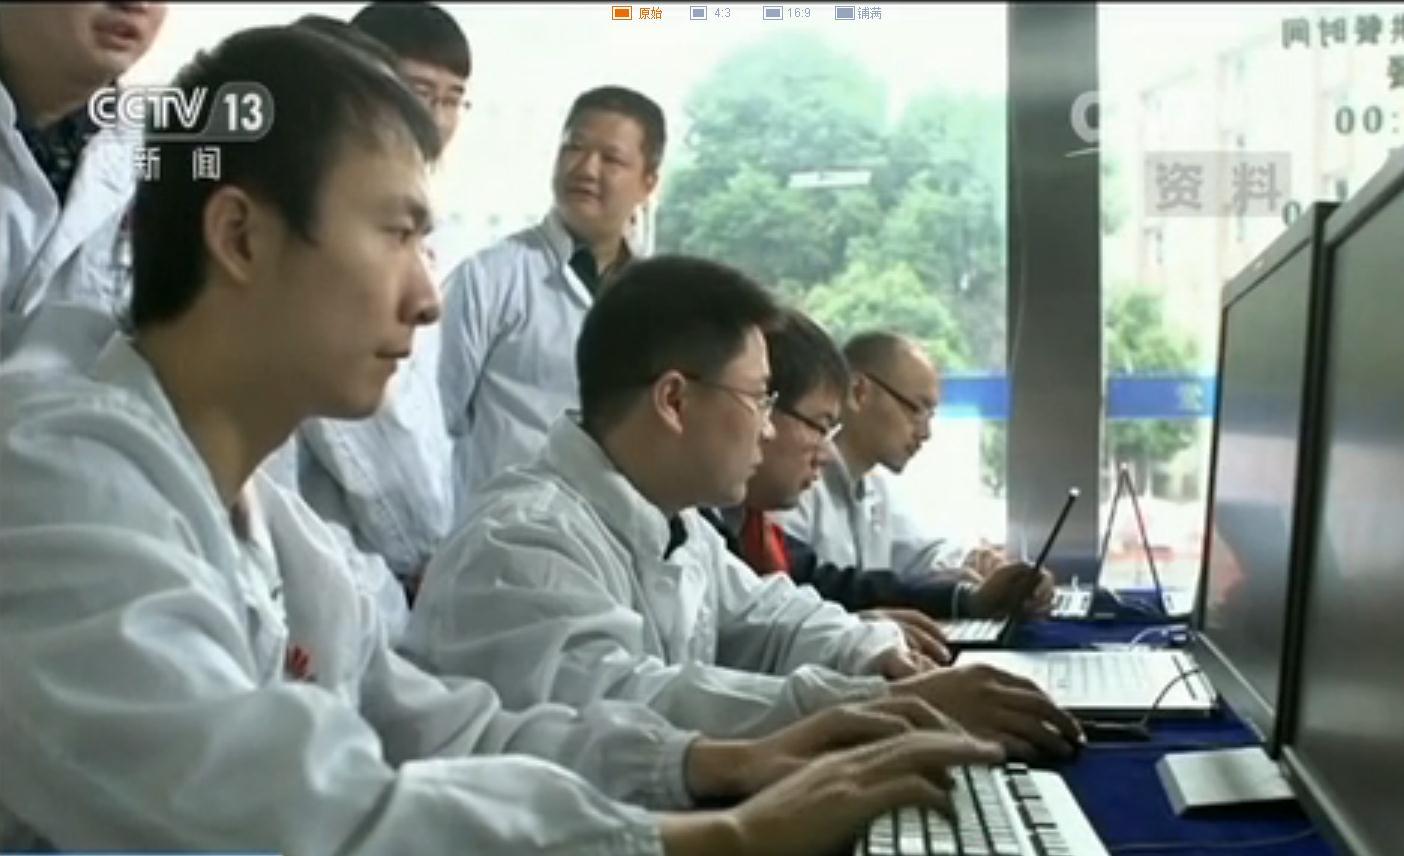 闻库表示,第二阶段的技术研发试验,将重点开展面向移动互联网、低时延高可靠和低功耗大连接这三大5G典型场景的无线空口和网络技术方案的研发与试验,并将引入国内外芯片和仪表厂商,共同推动5G产业链成熟,预计到2017年底,第二阶段试验完成。